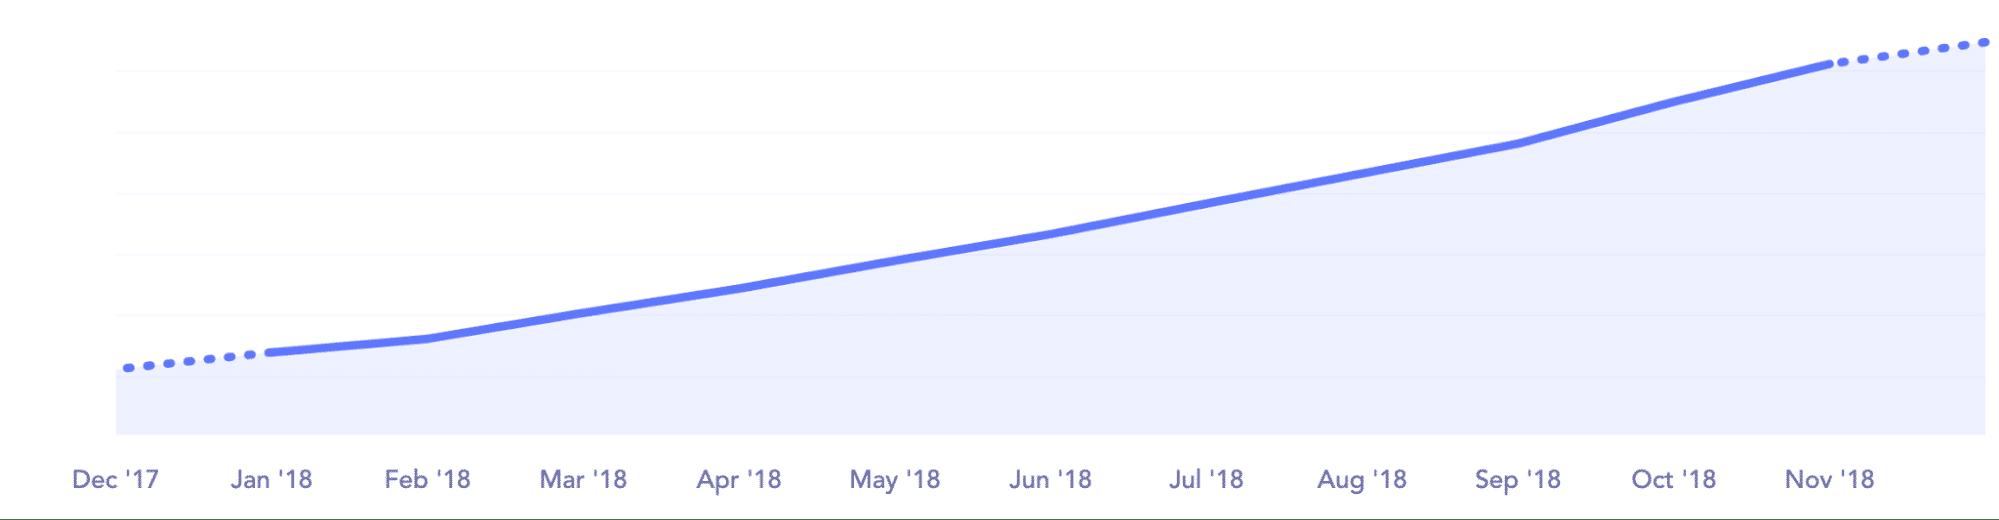 Tasso di crescita dei clienti